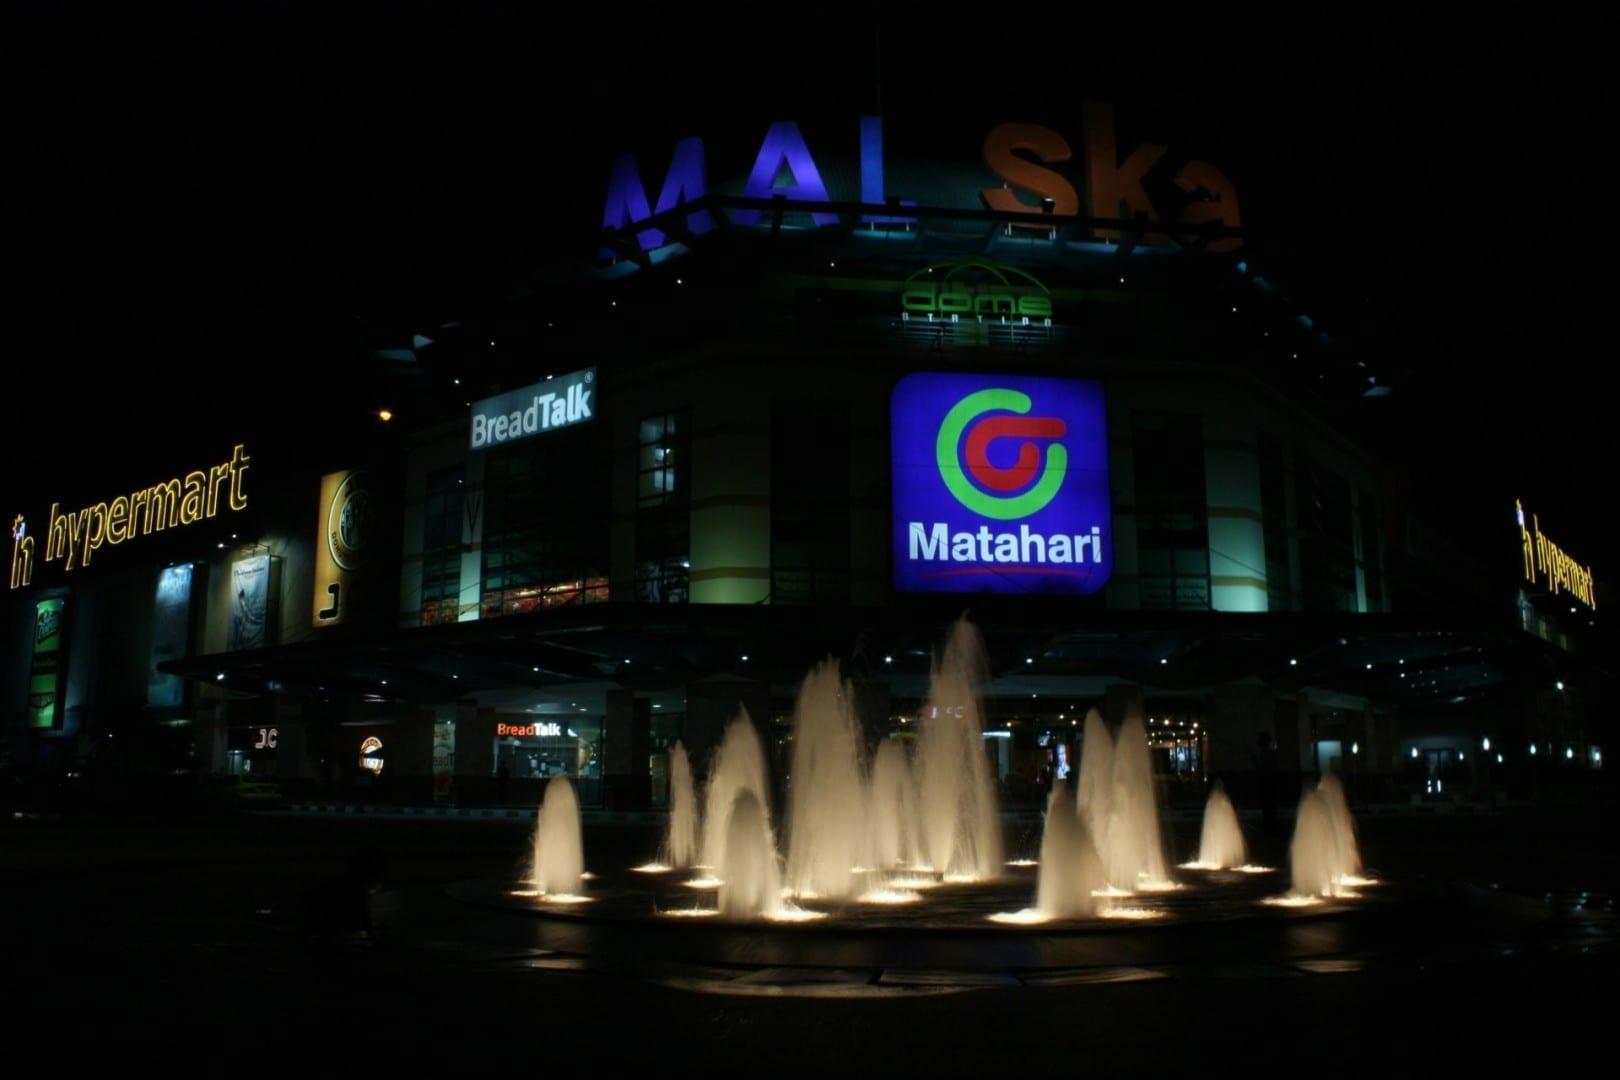 El centro comercial SKA de noche Pekanbaru Indonesia